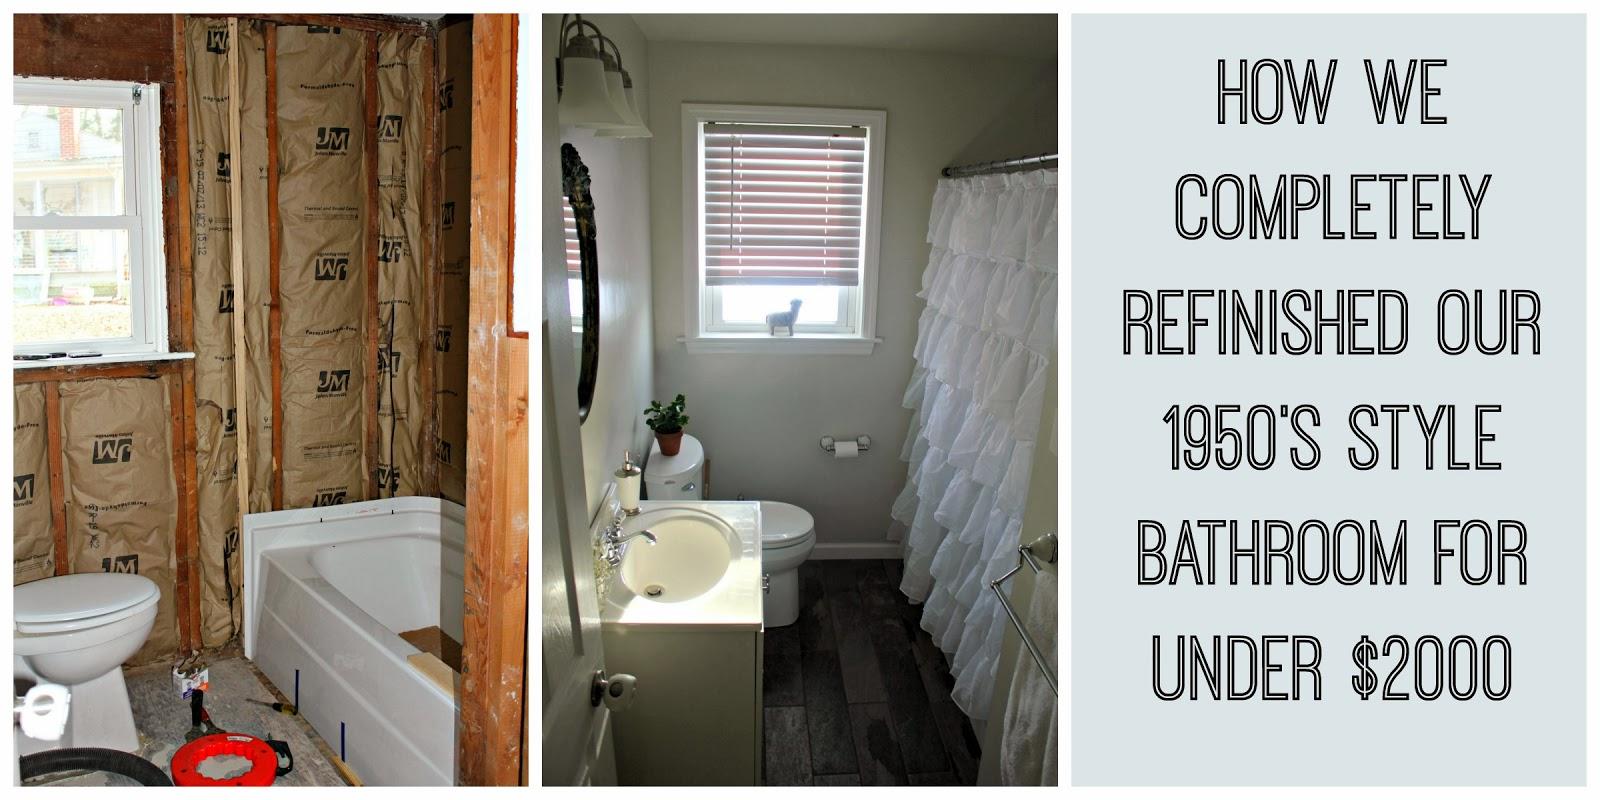 2000 complete diy bathroom remodel for Bathroom remodel under 2000